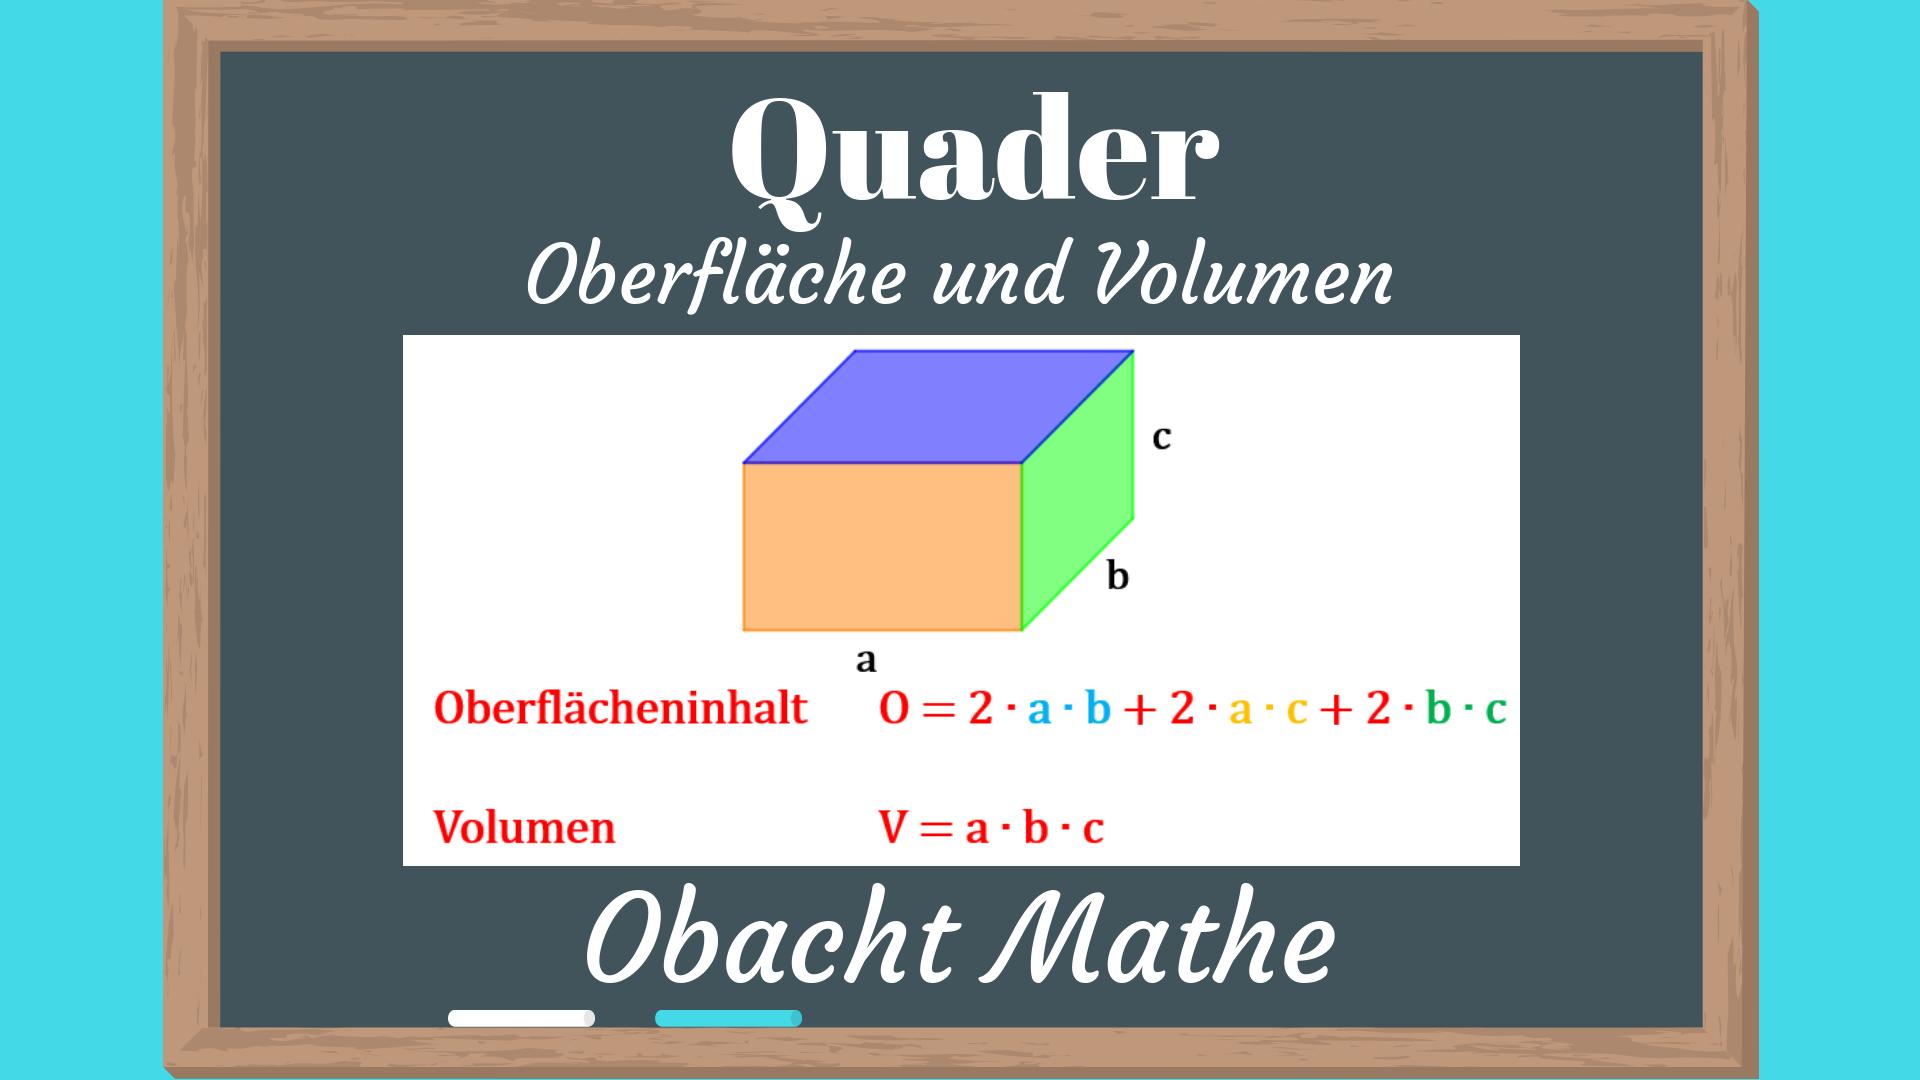 wie berechnet man das volumen eines quaders